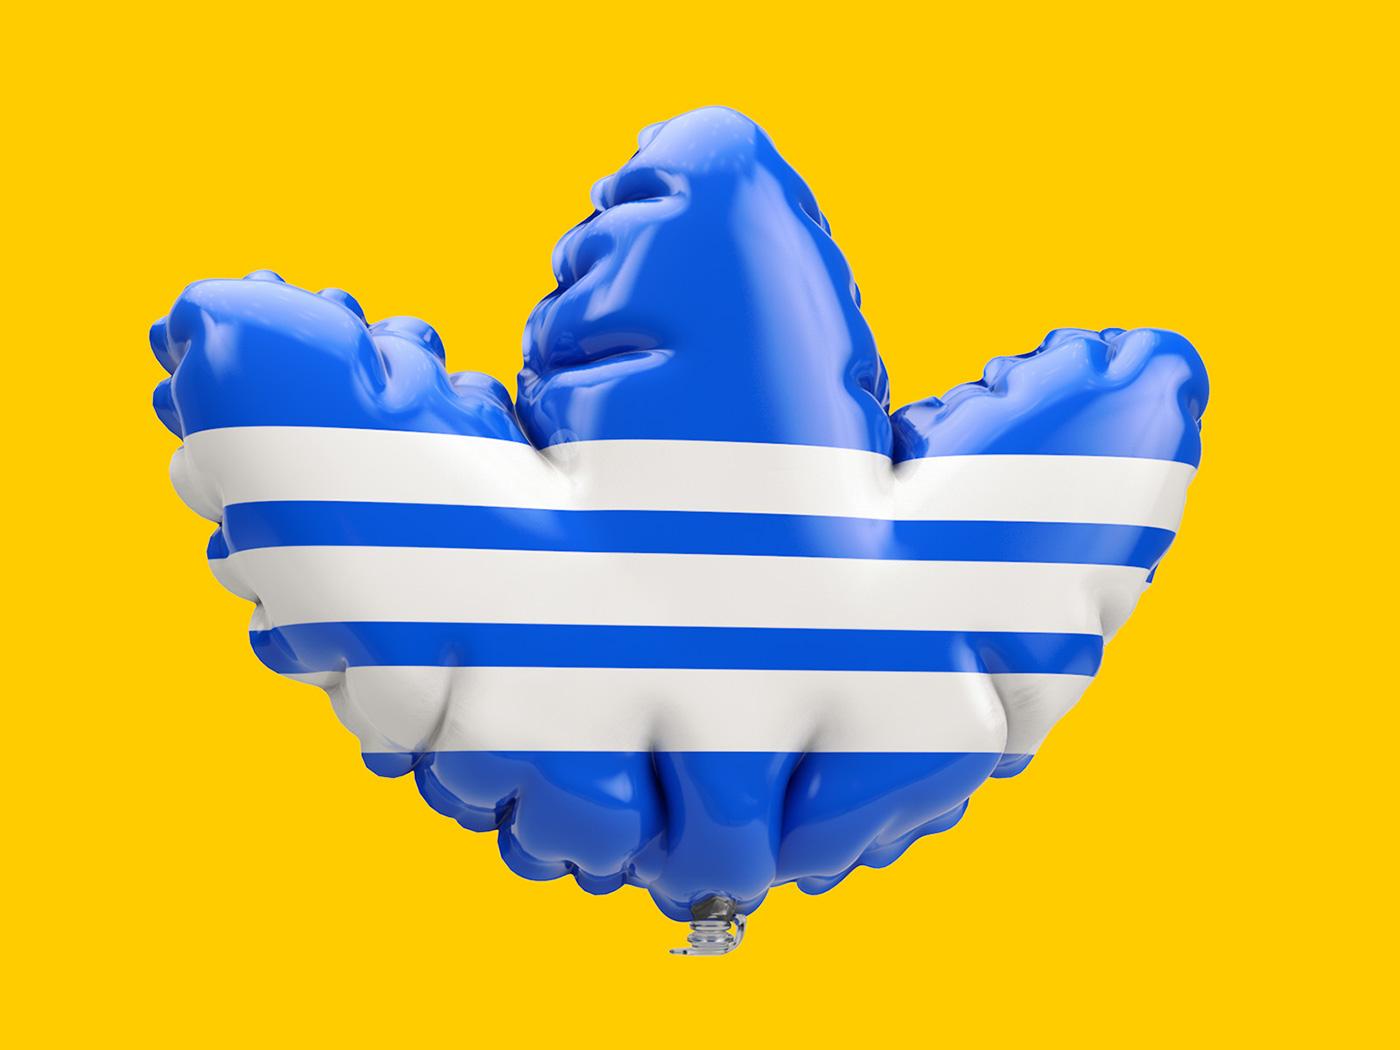 Balloon Logos